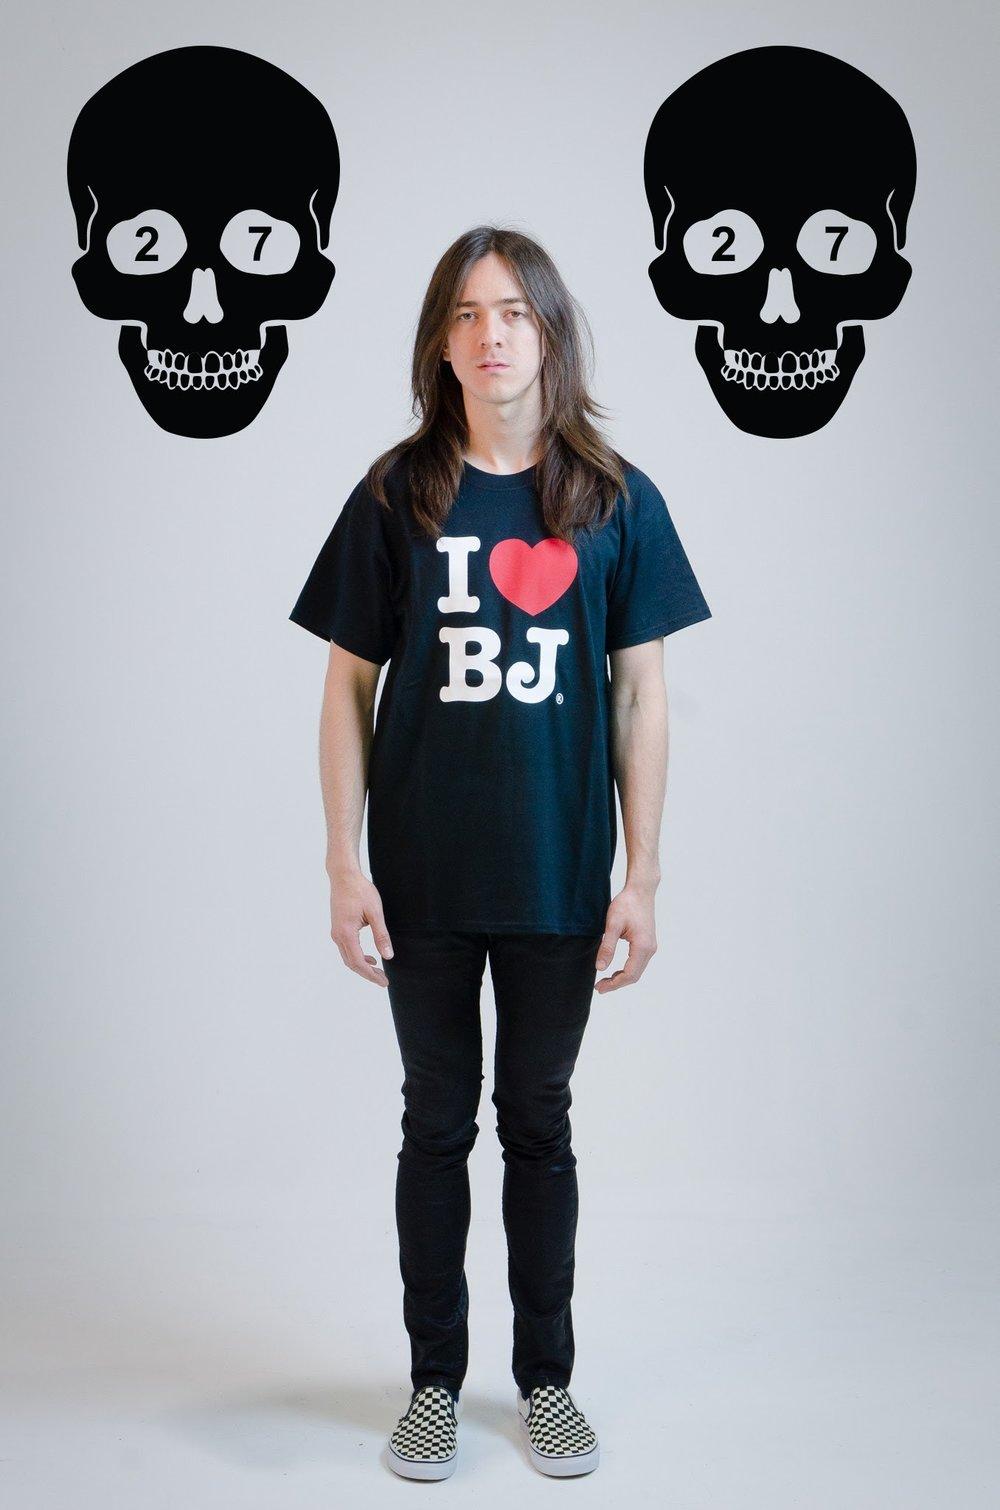 I heart BJ.jpg